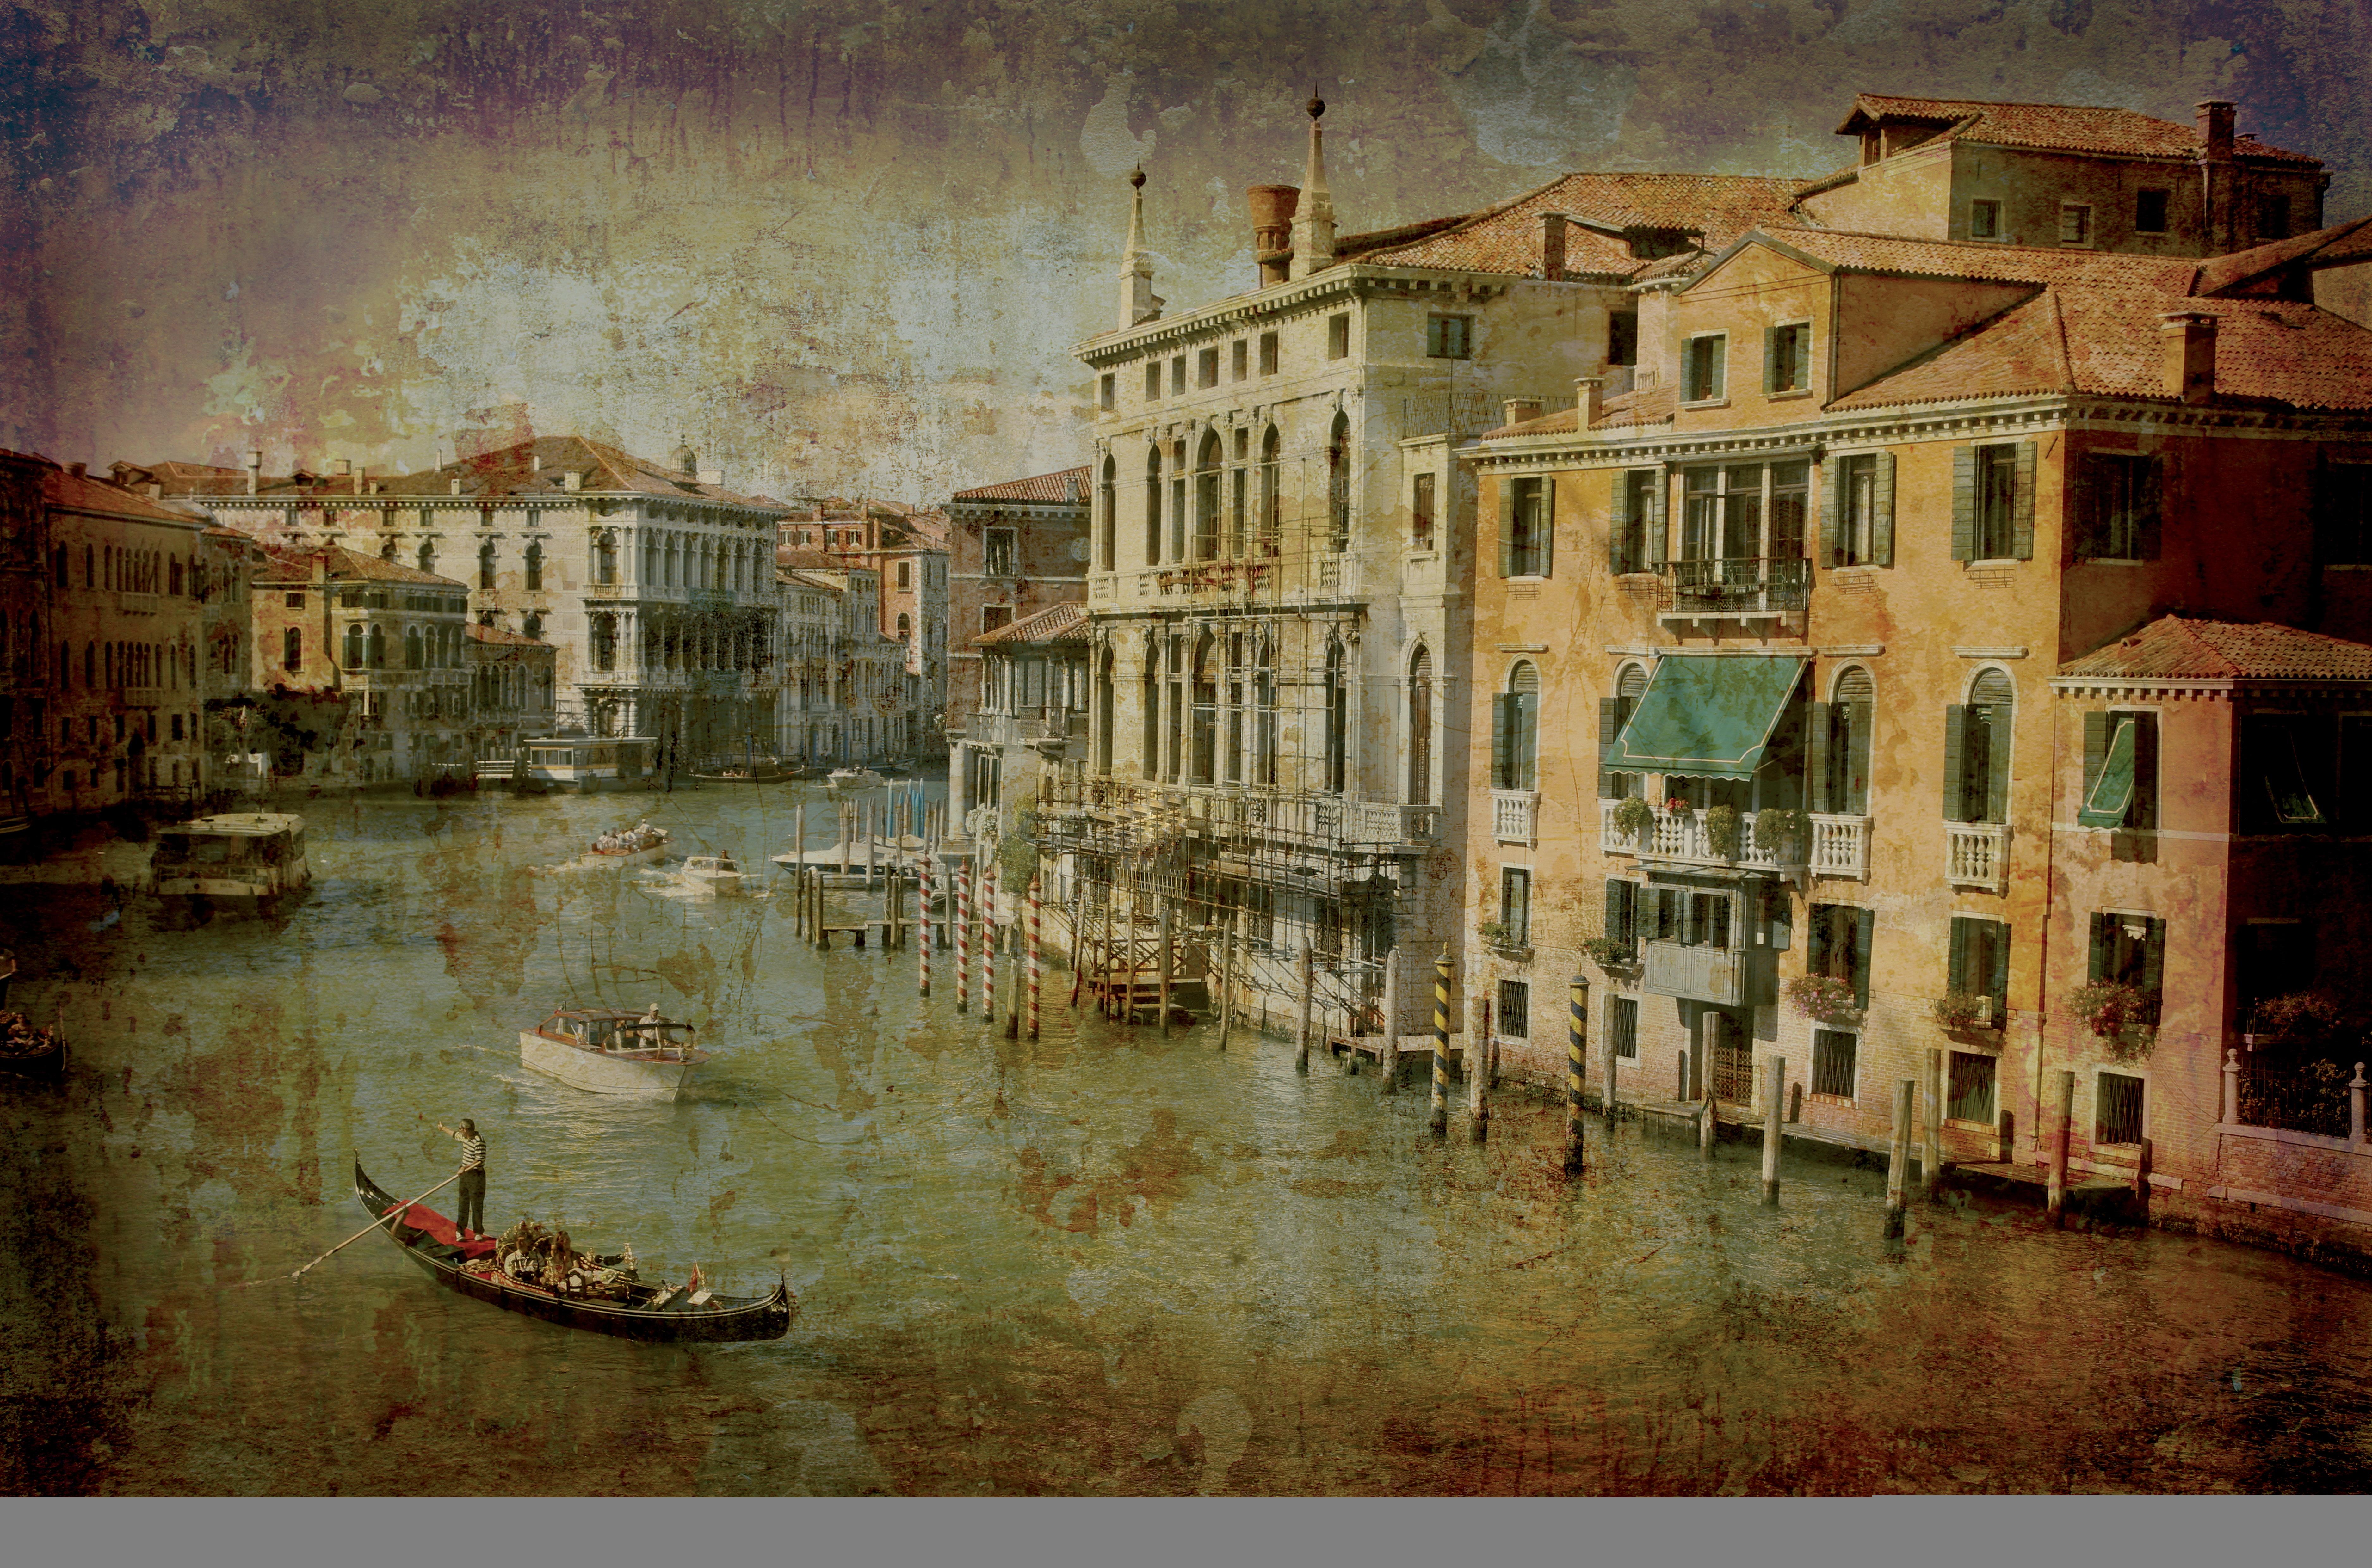 Бракосочетанием, открытка с италией